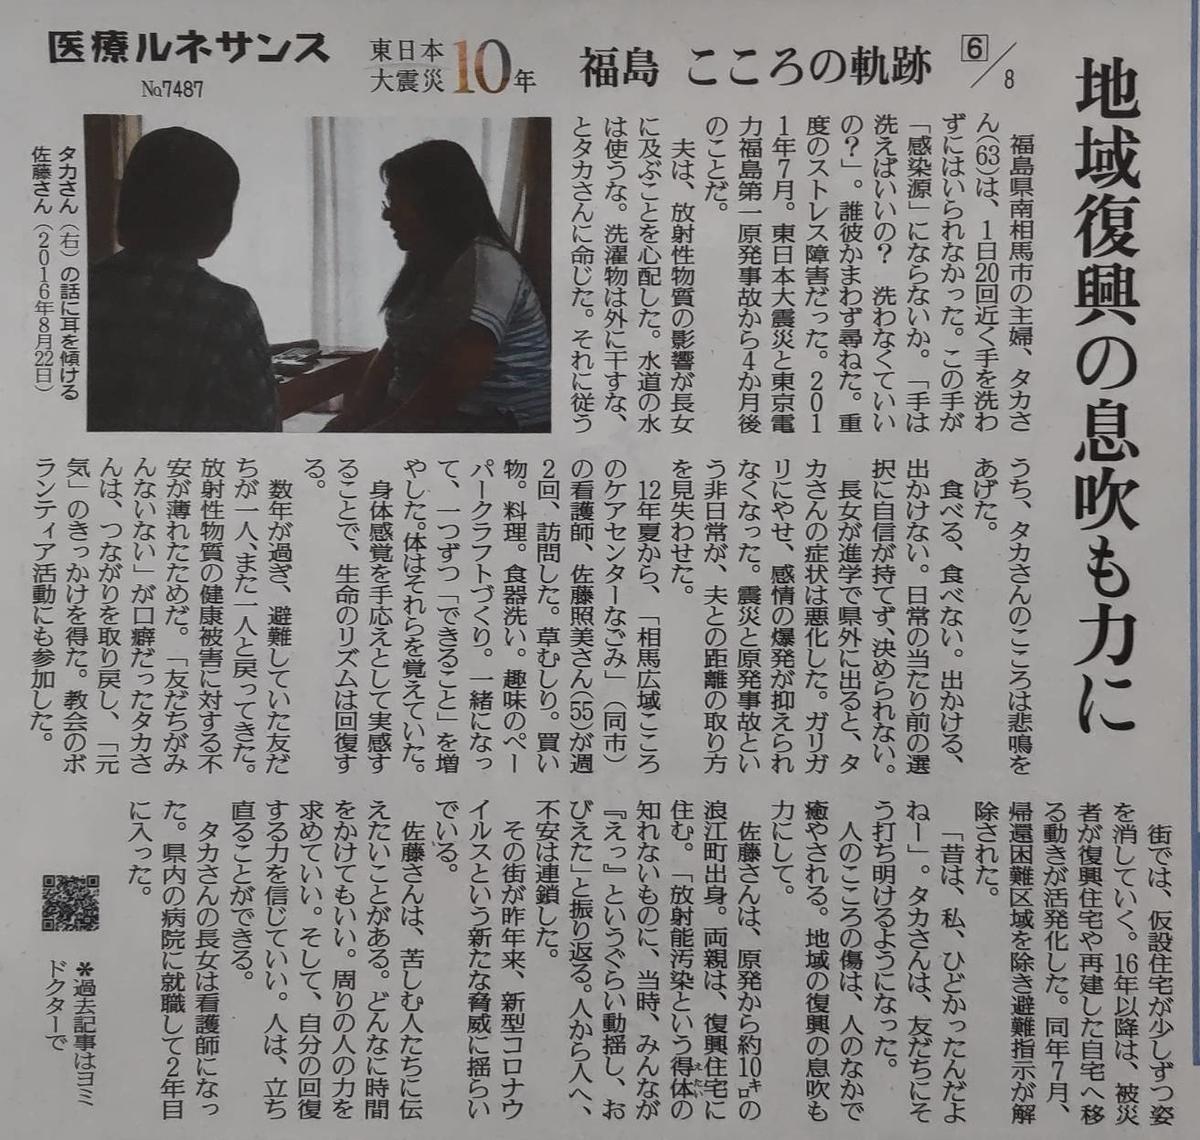 f:id:kazura-kobayashi:20210328182600j:plain